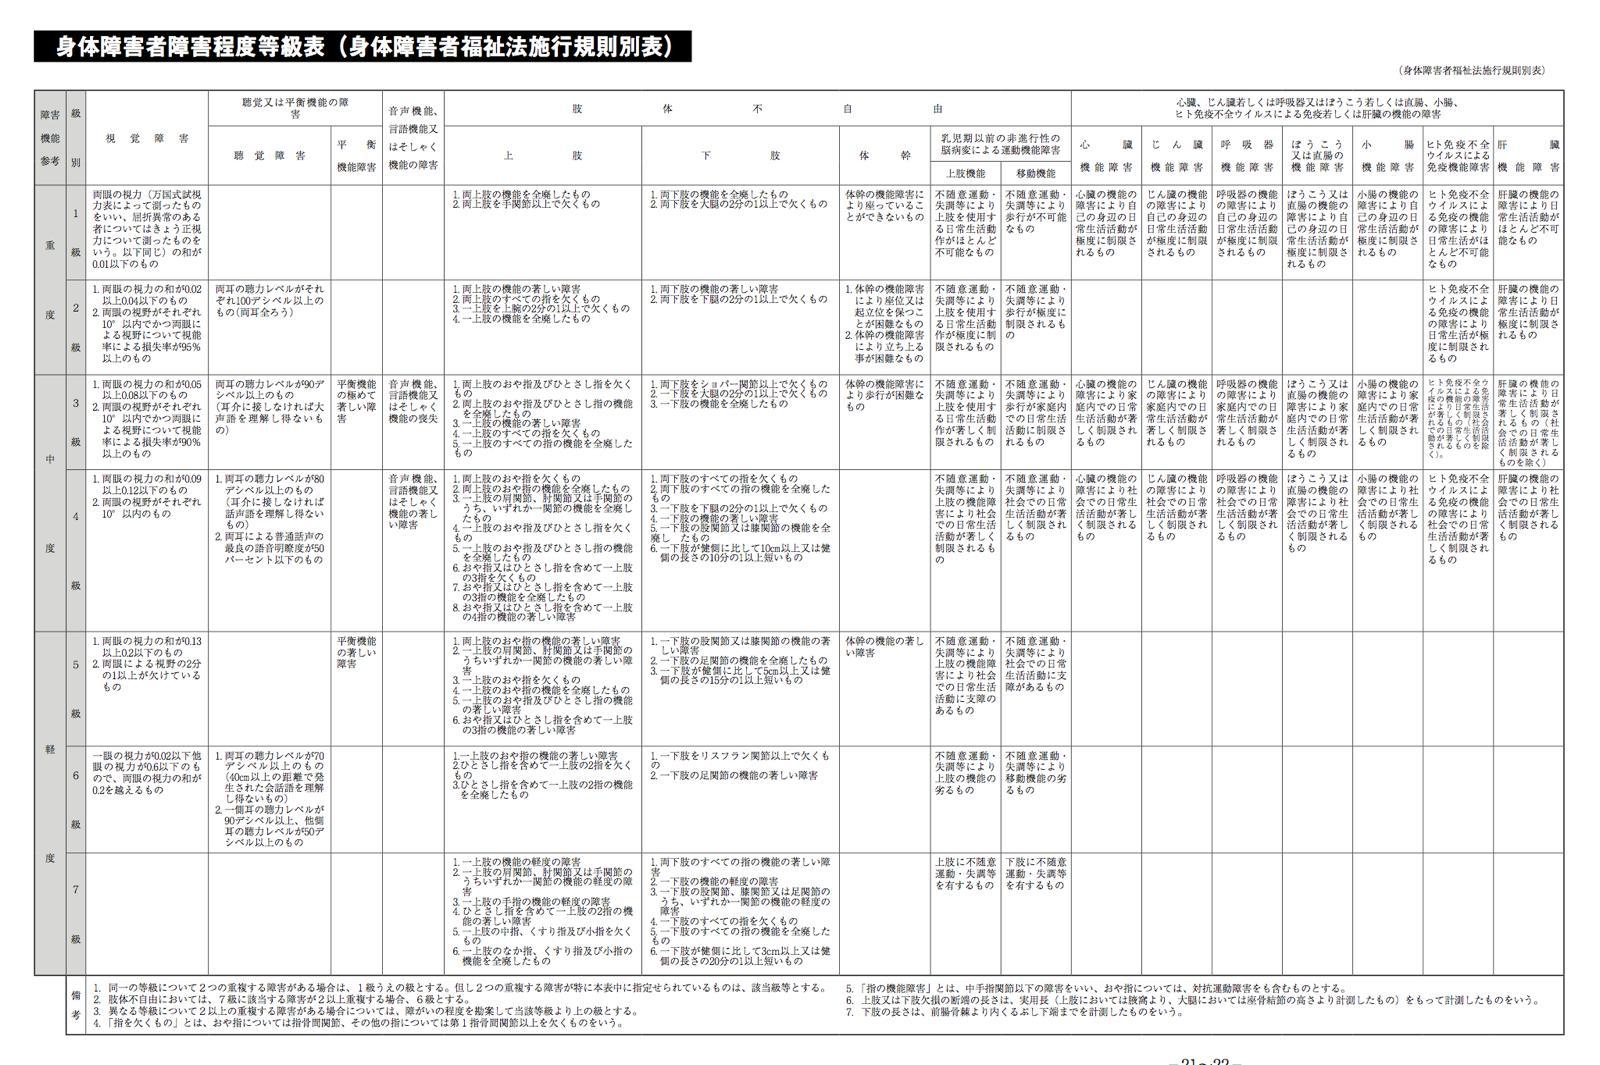 ファイル 5-1.jpg